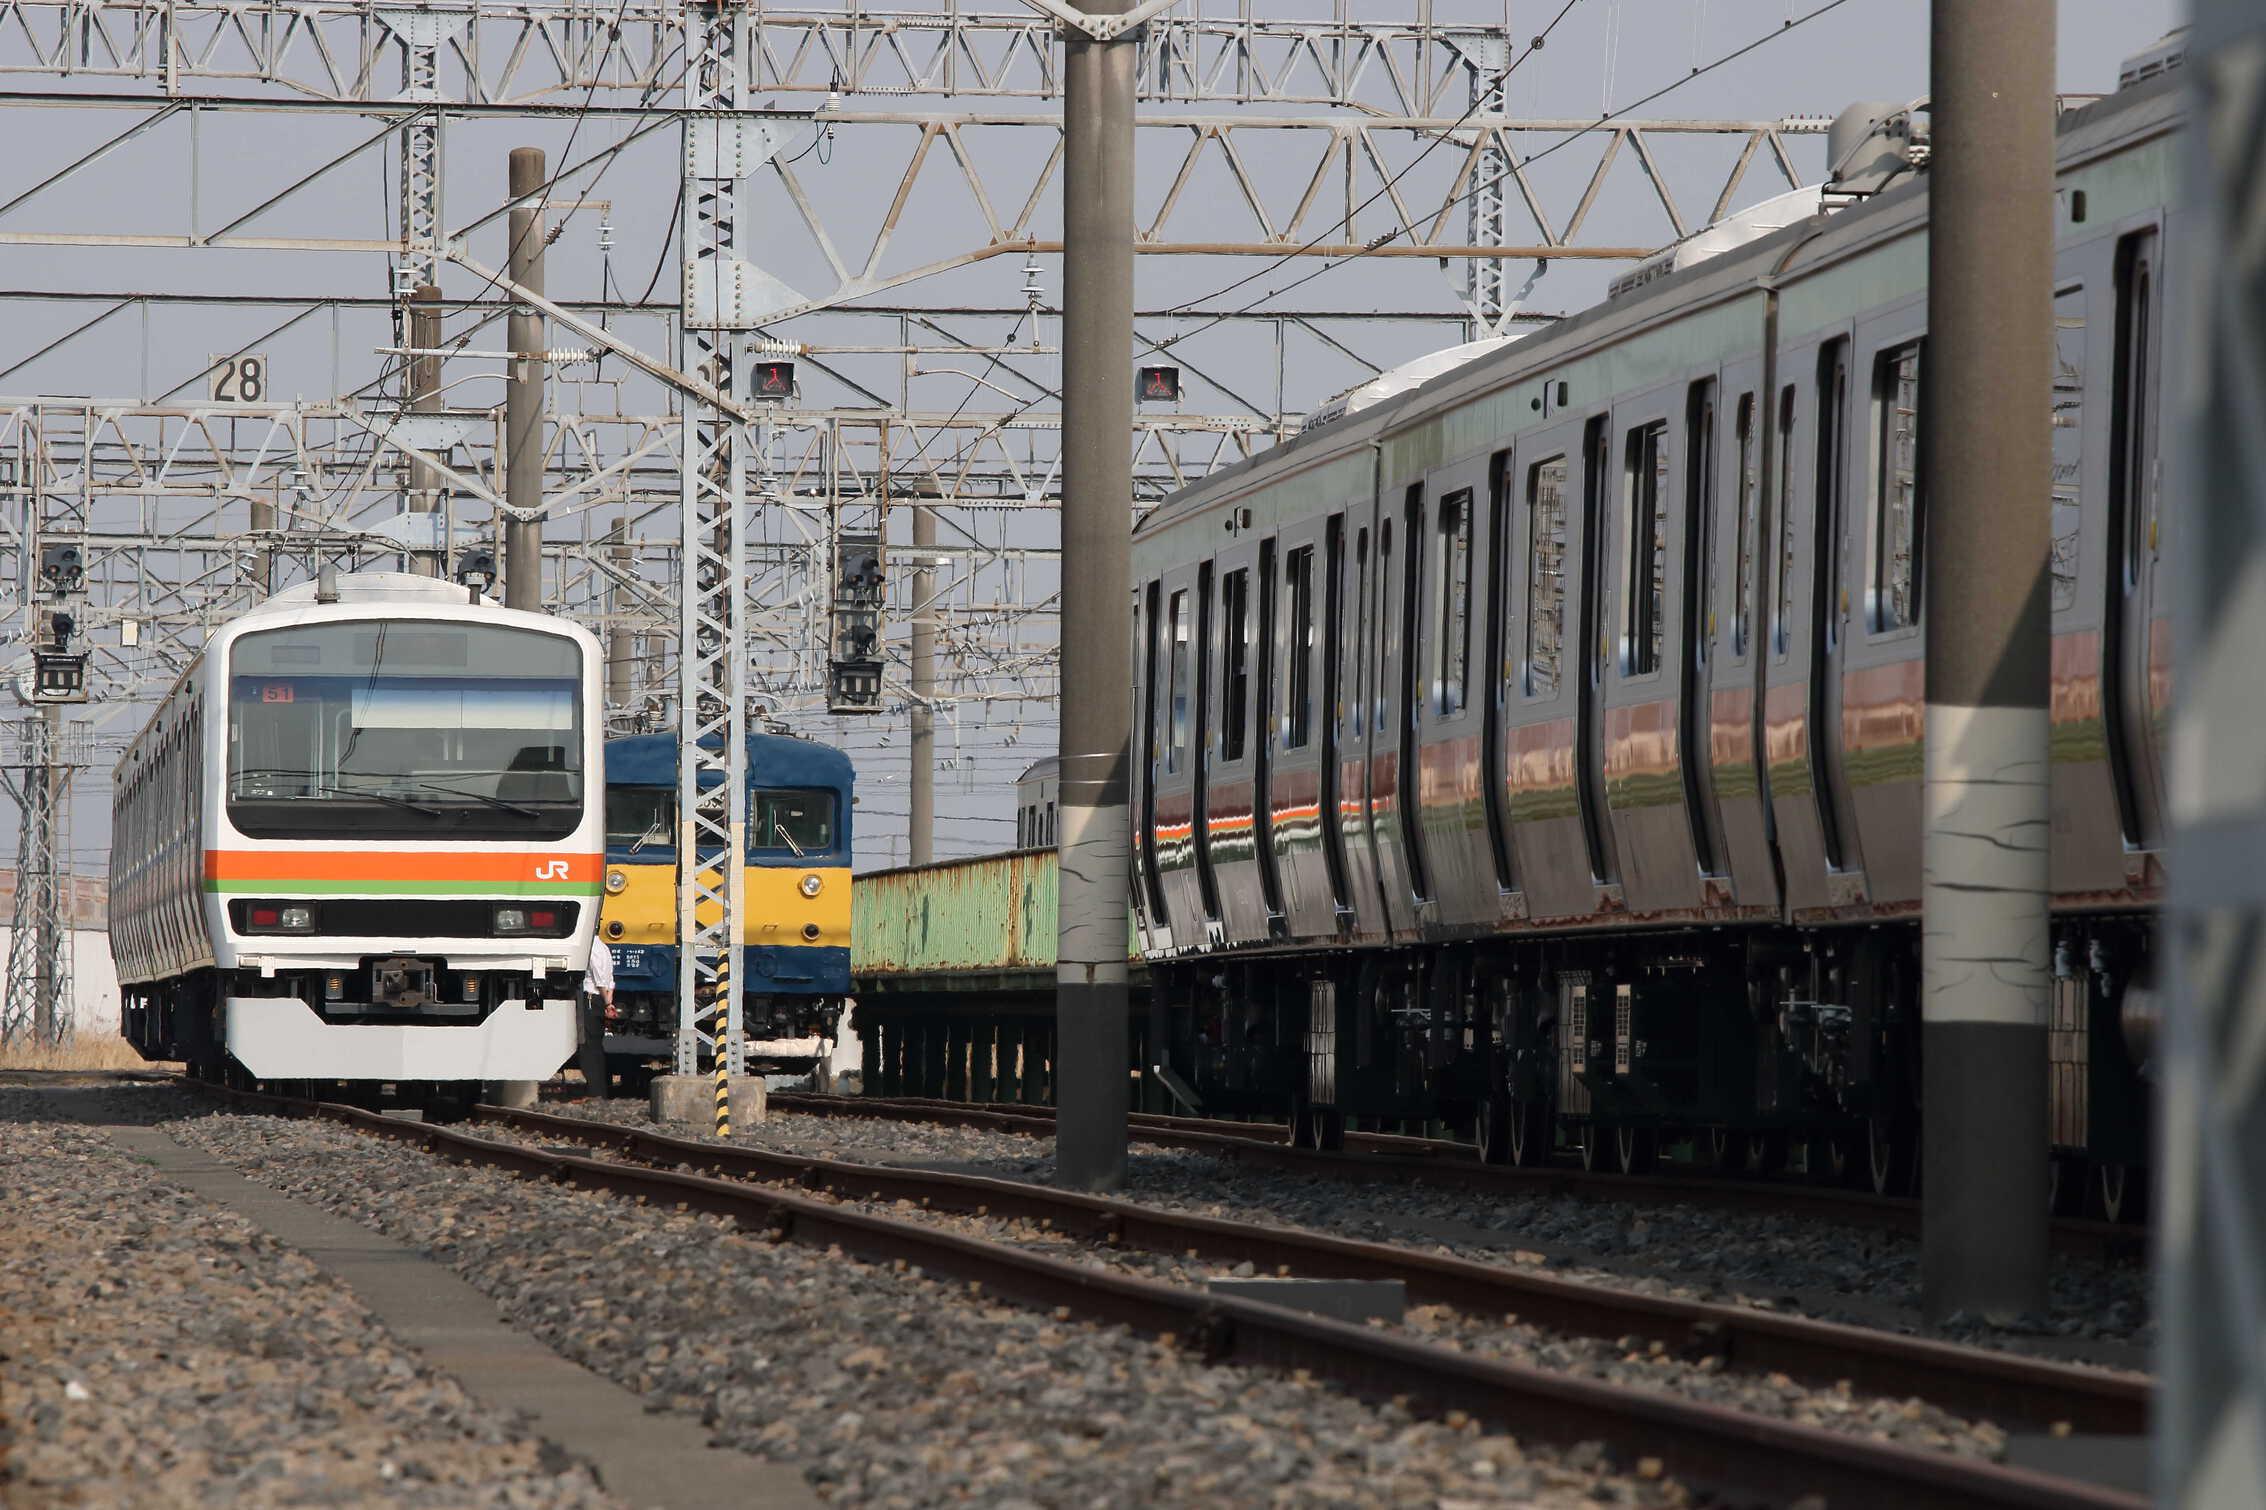 川越車セ構内入換(着発3→29番2区)〜入区 クモヤ143-11